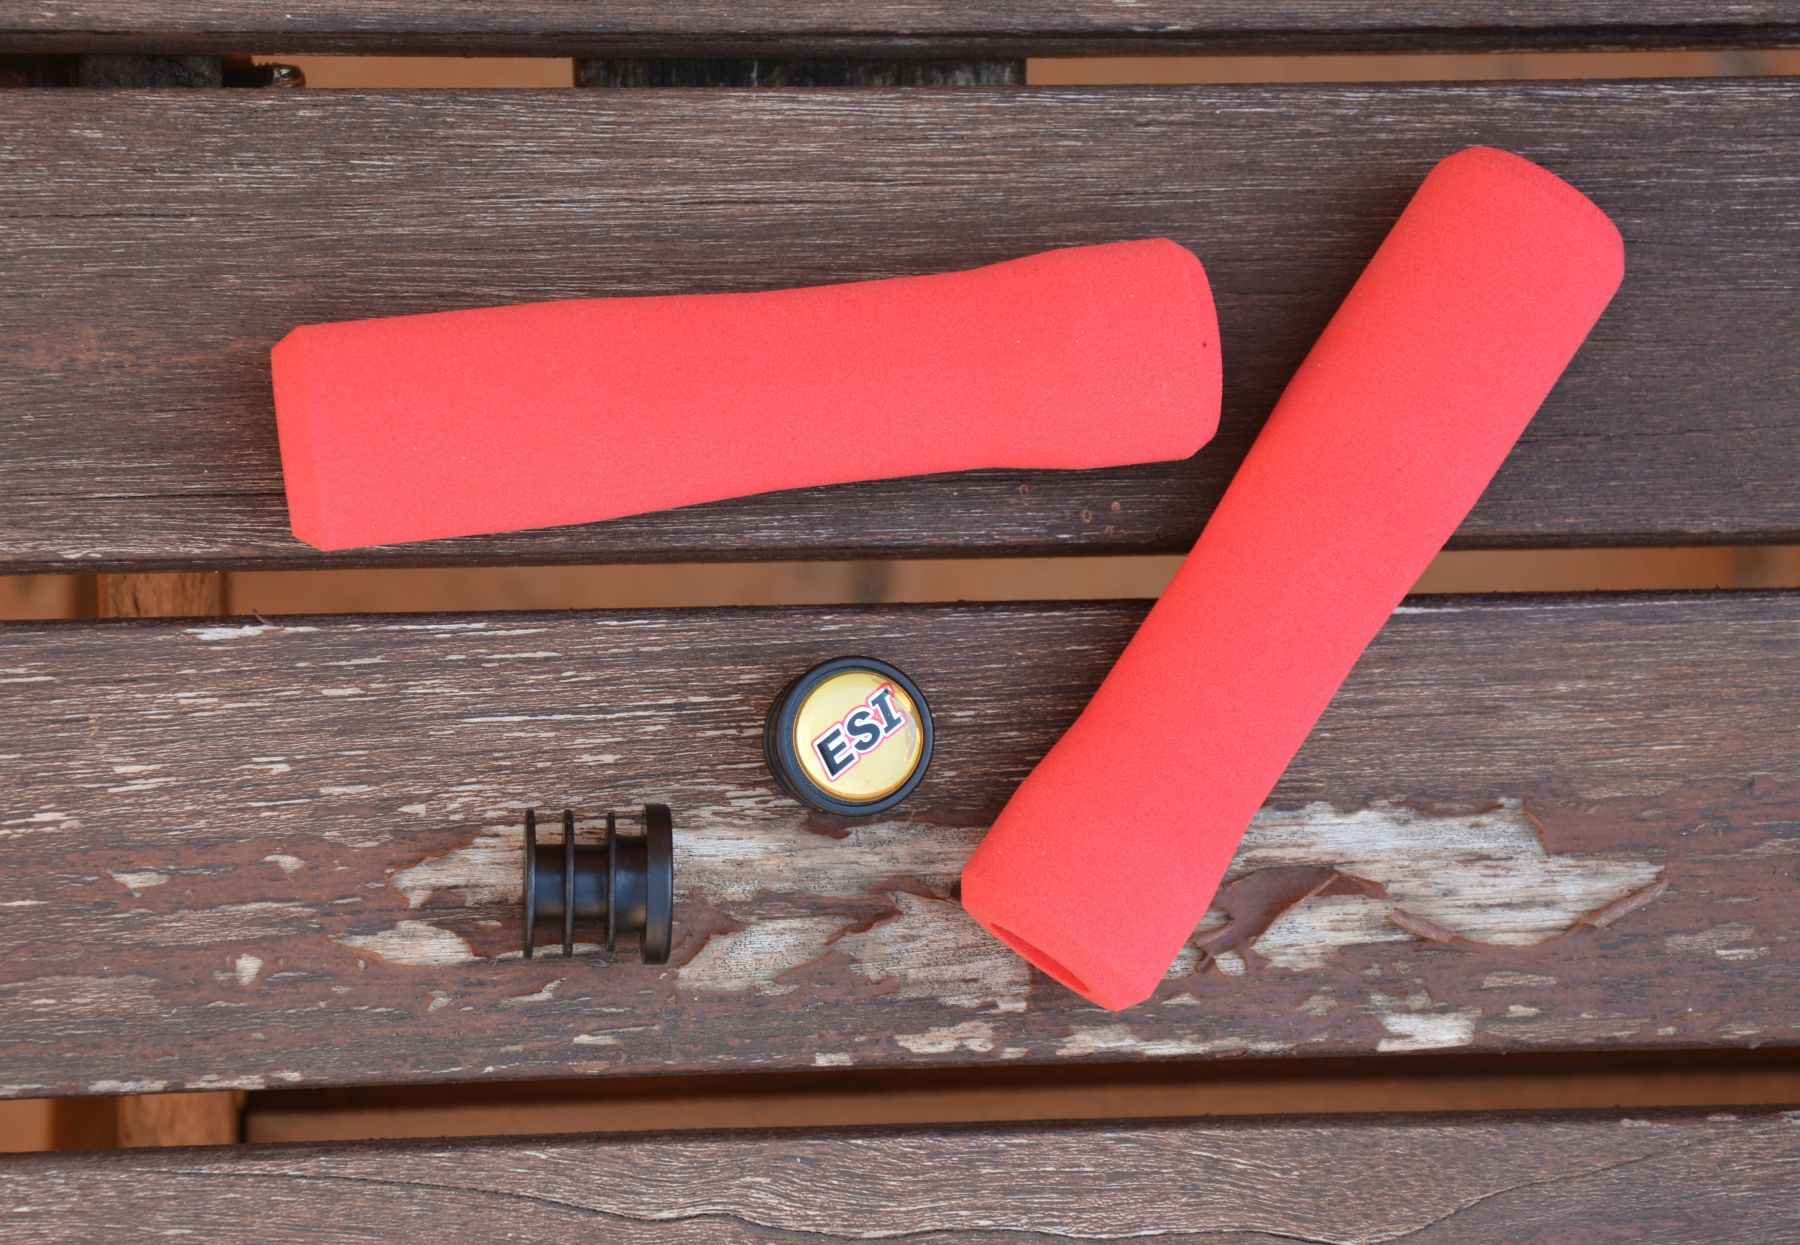 Puños silicona Esi Grip Fit XC con sus tradicionales tapones